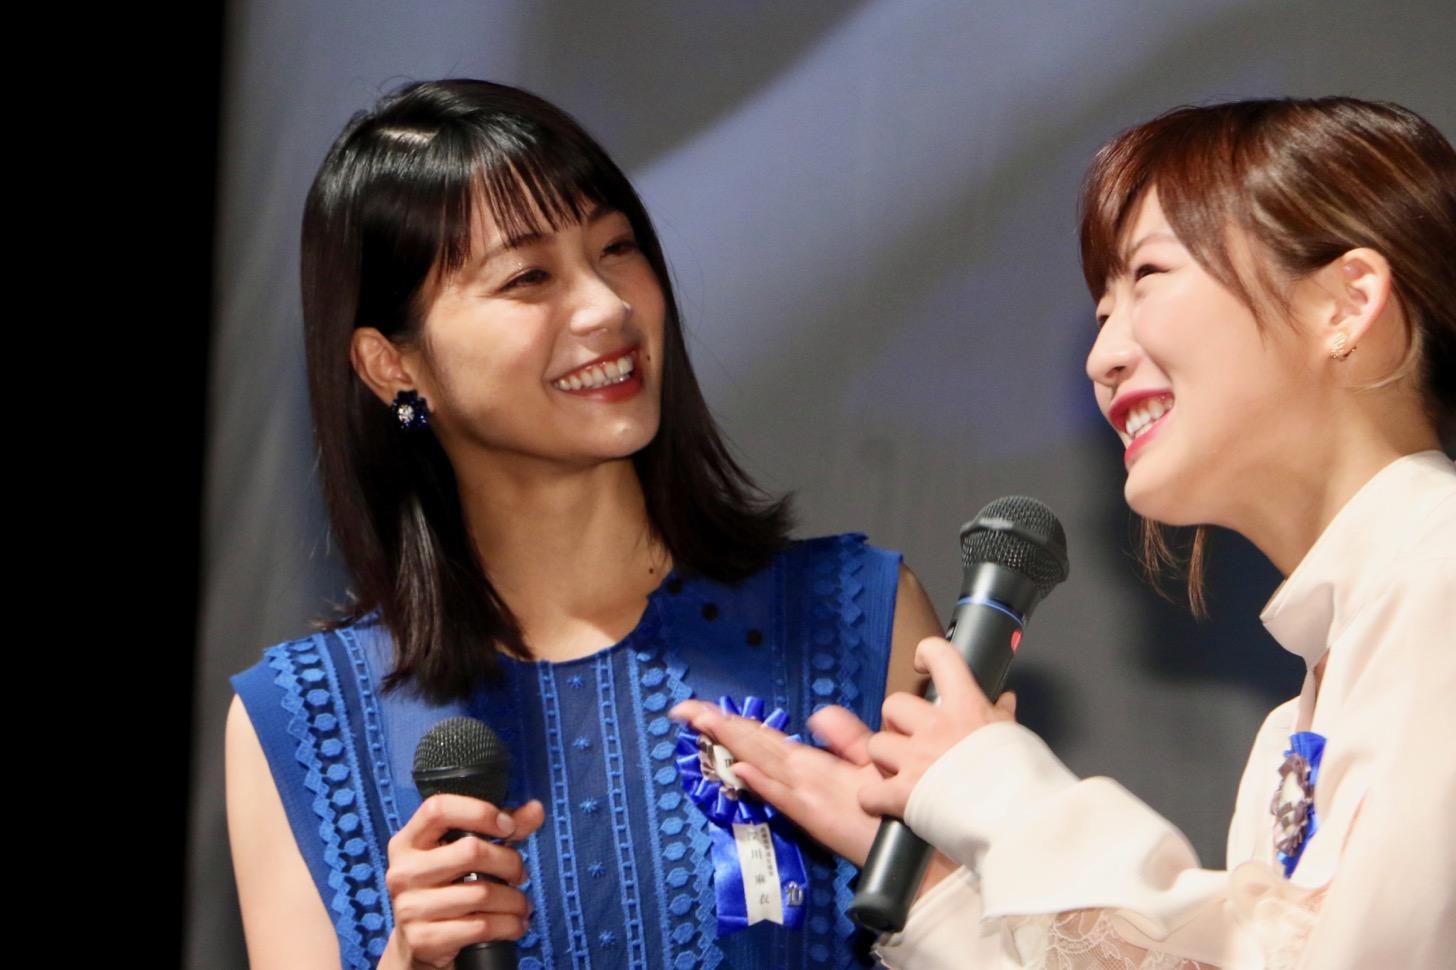 深川麻衣さんと伊藤沙莉さん